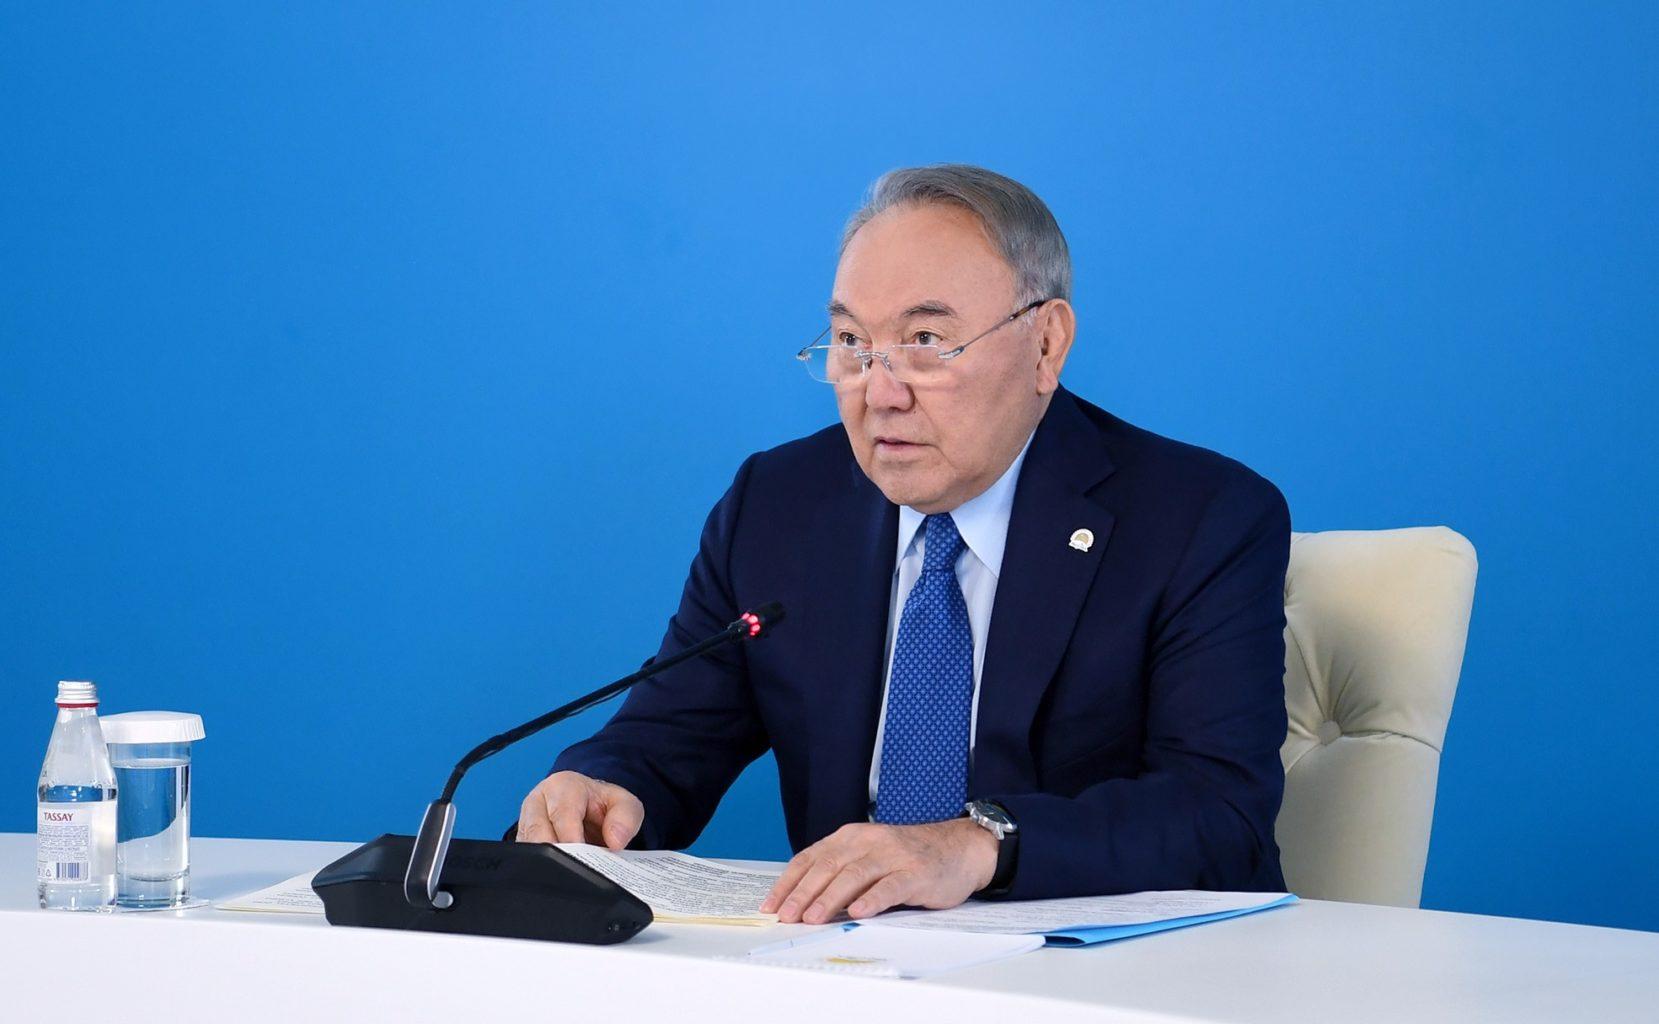 Назарбаев: Мы наблюдаем раскол общества и элит